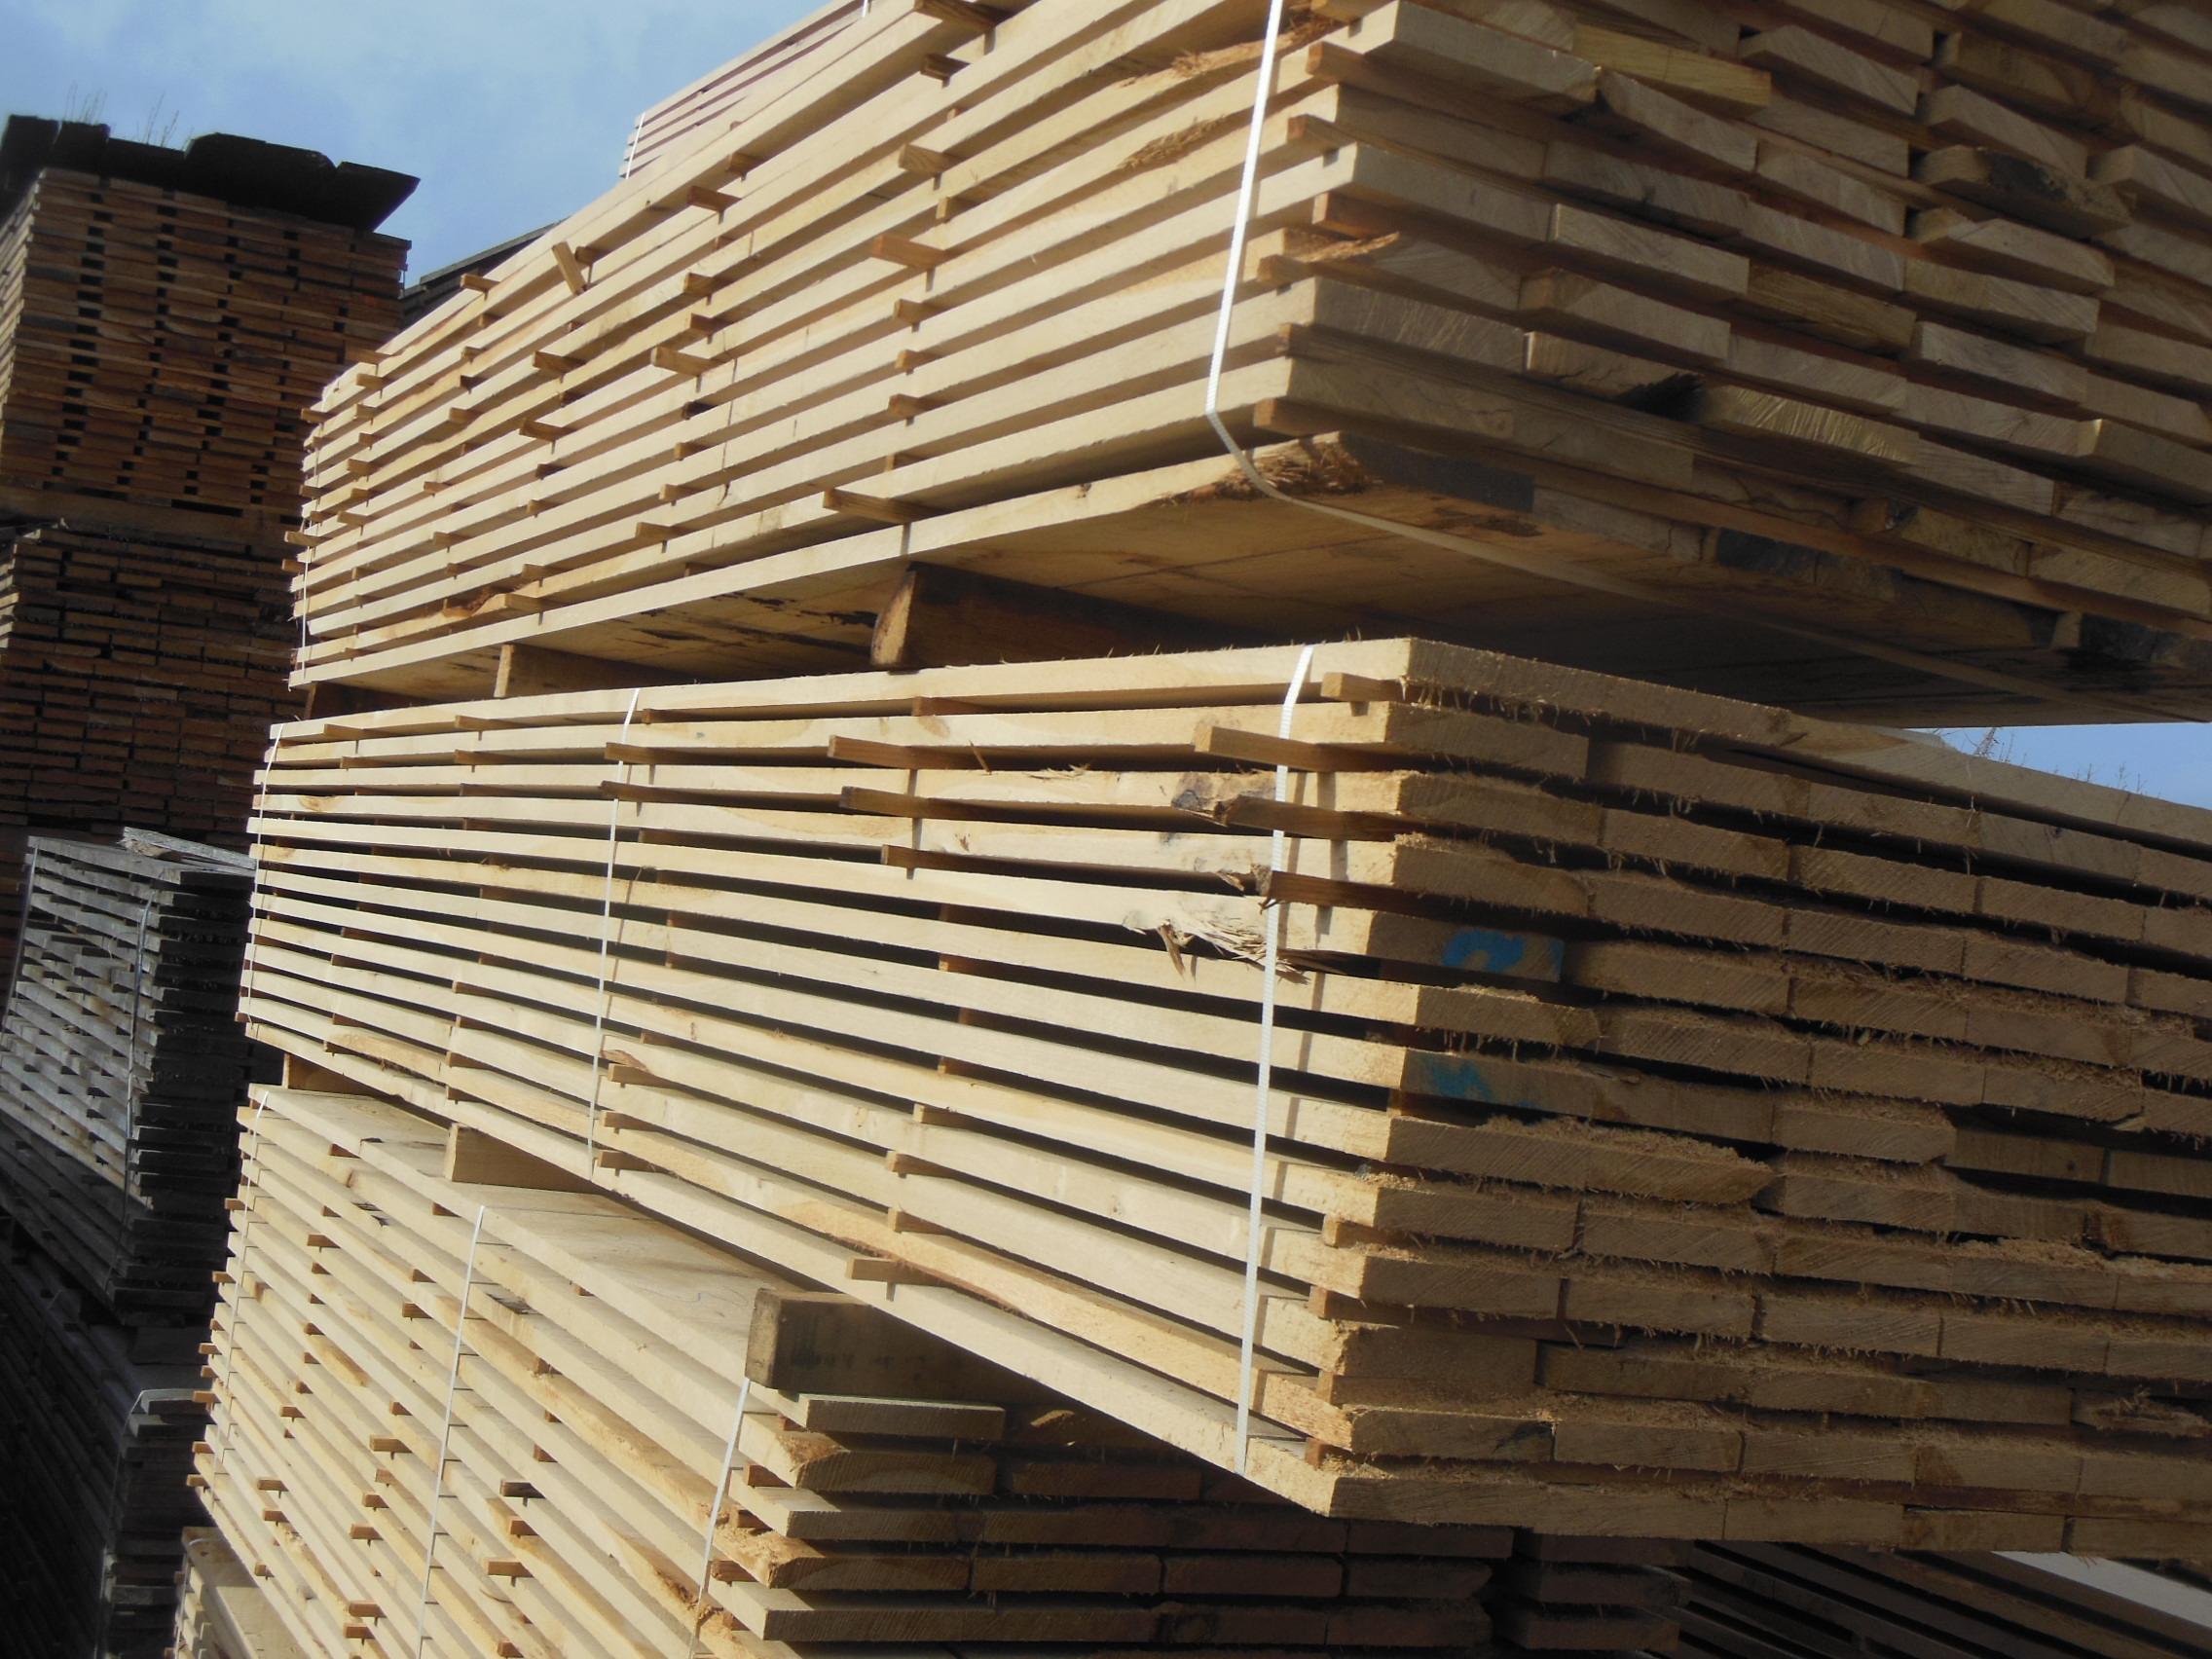 Pl lf 27 260 planche de chene ep 27 mm dpi for Construction en bois wiki